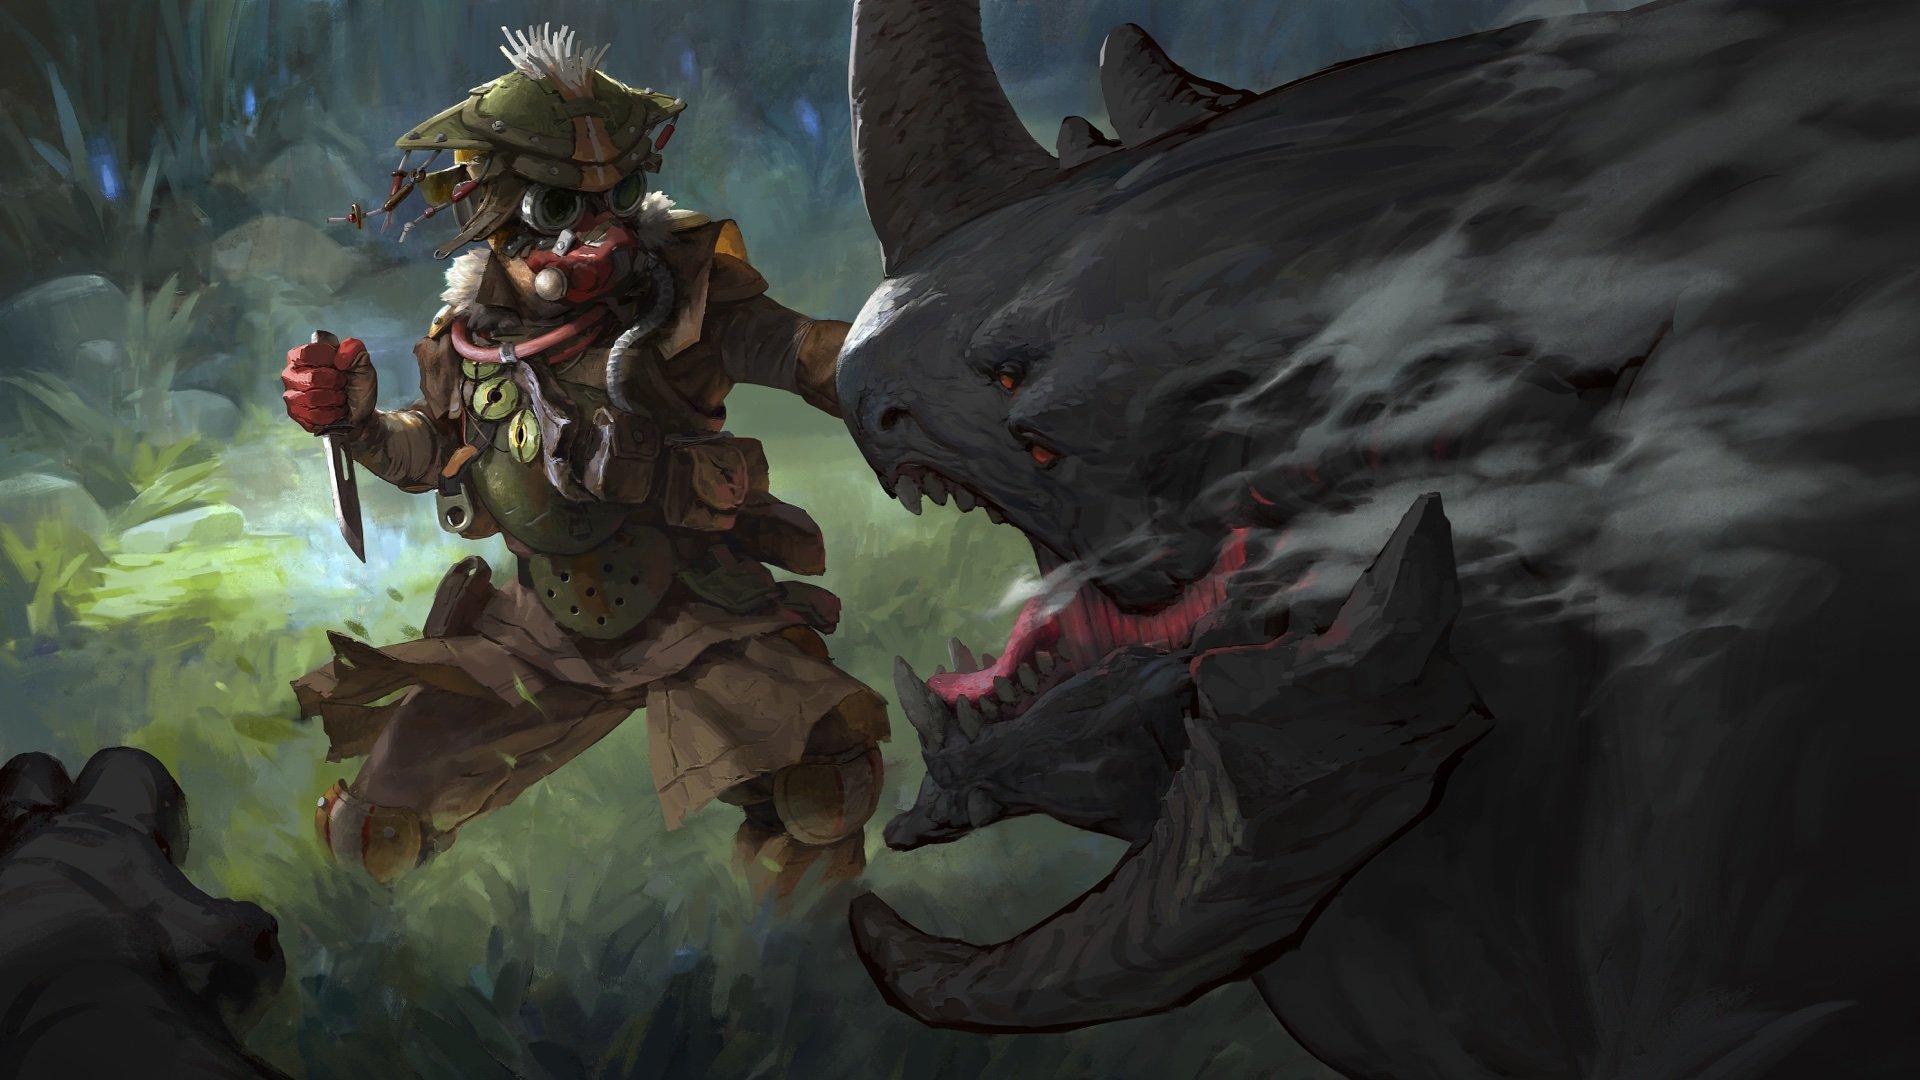 Apex Legends - Bloodhound